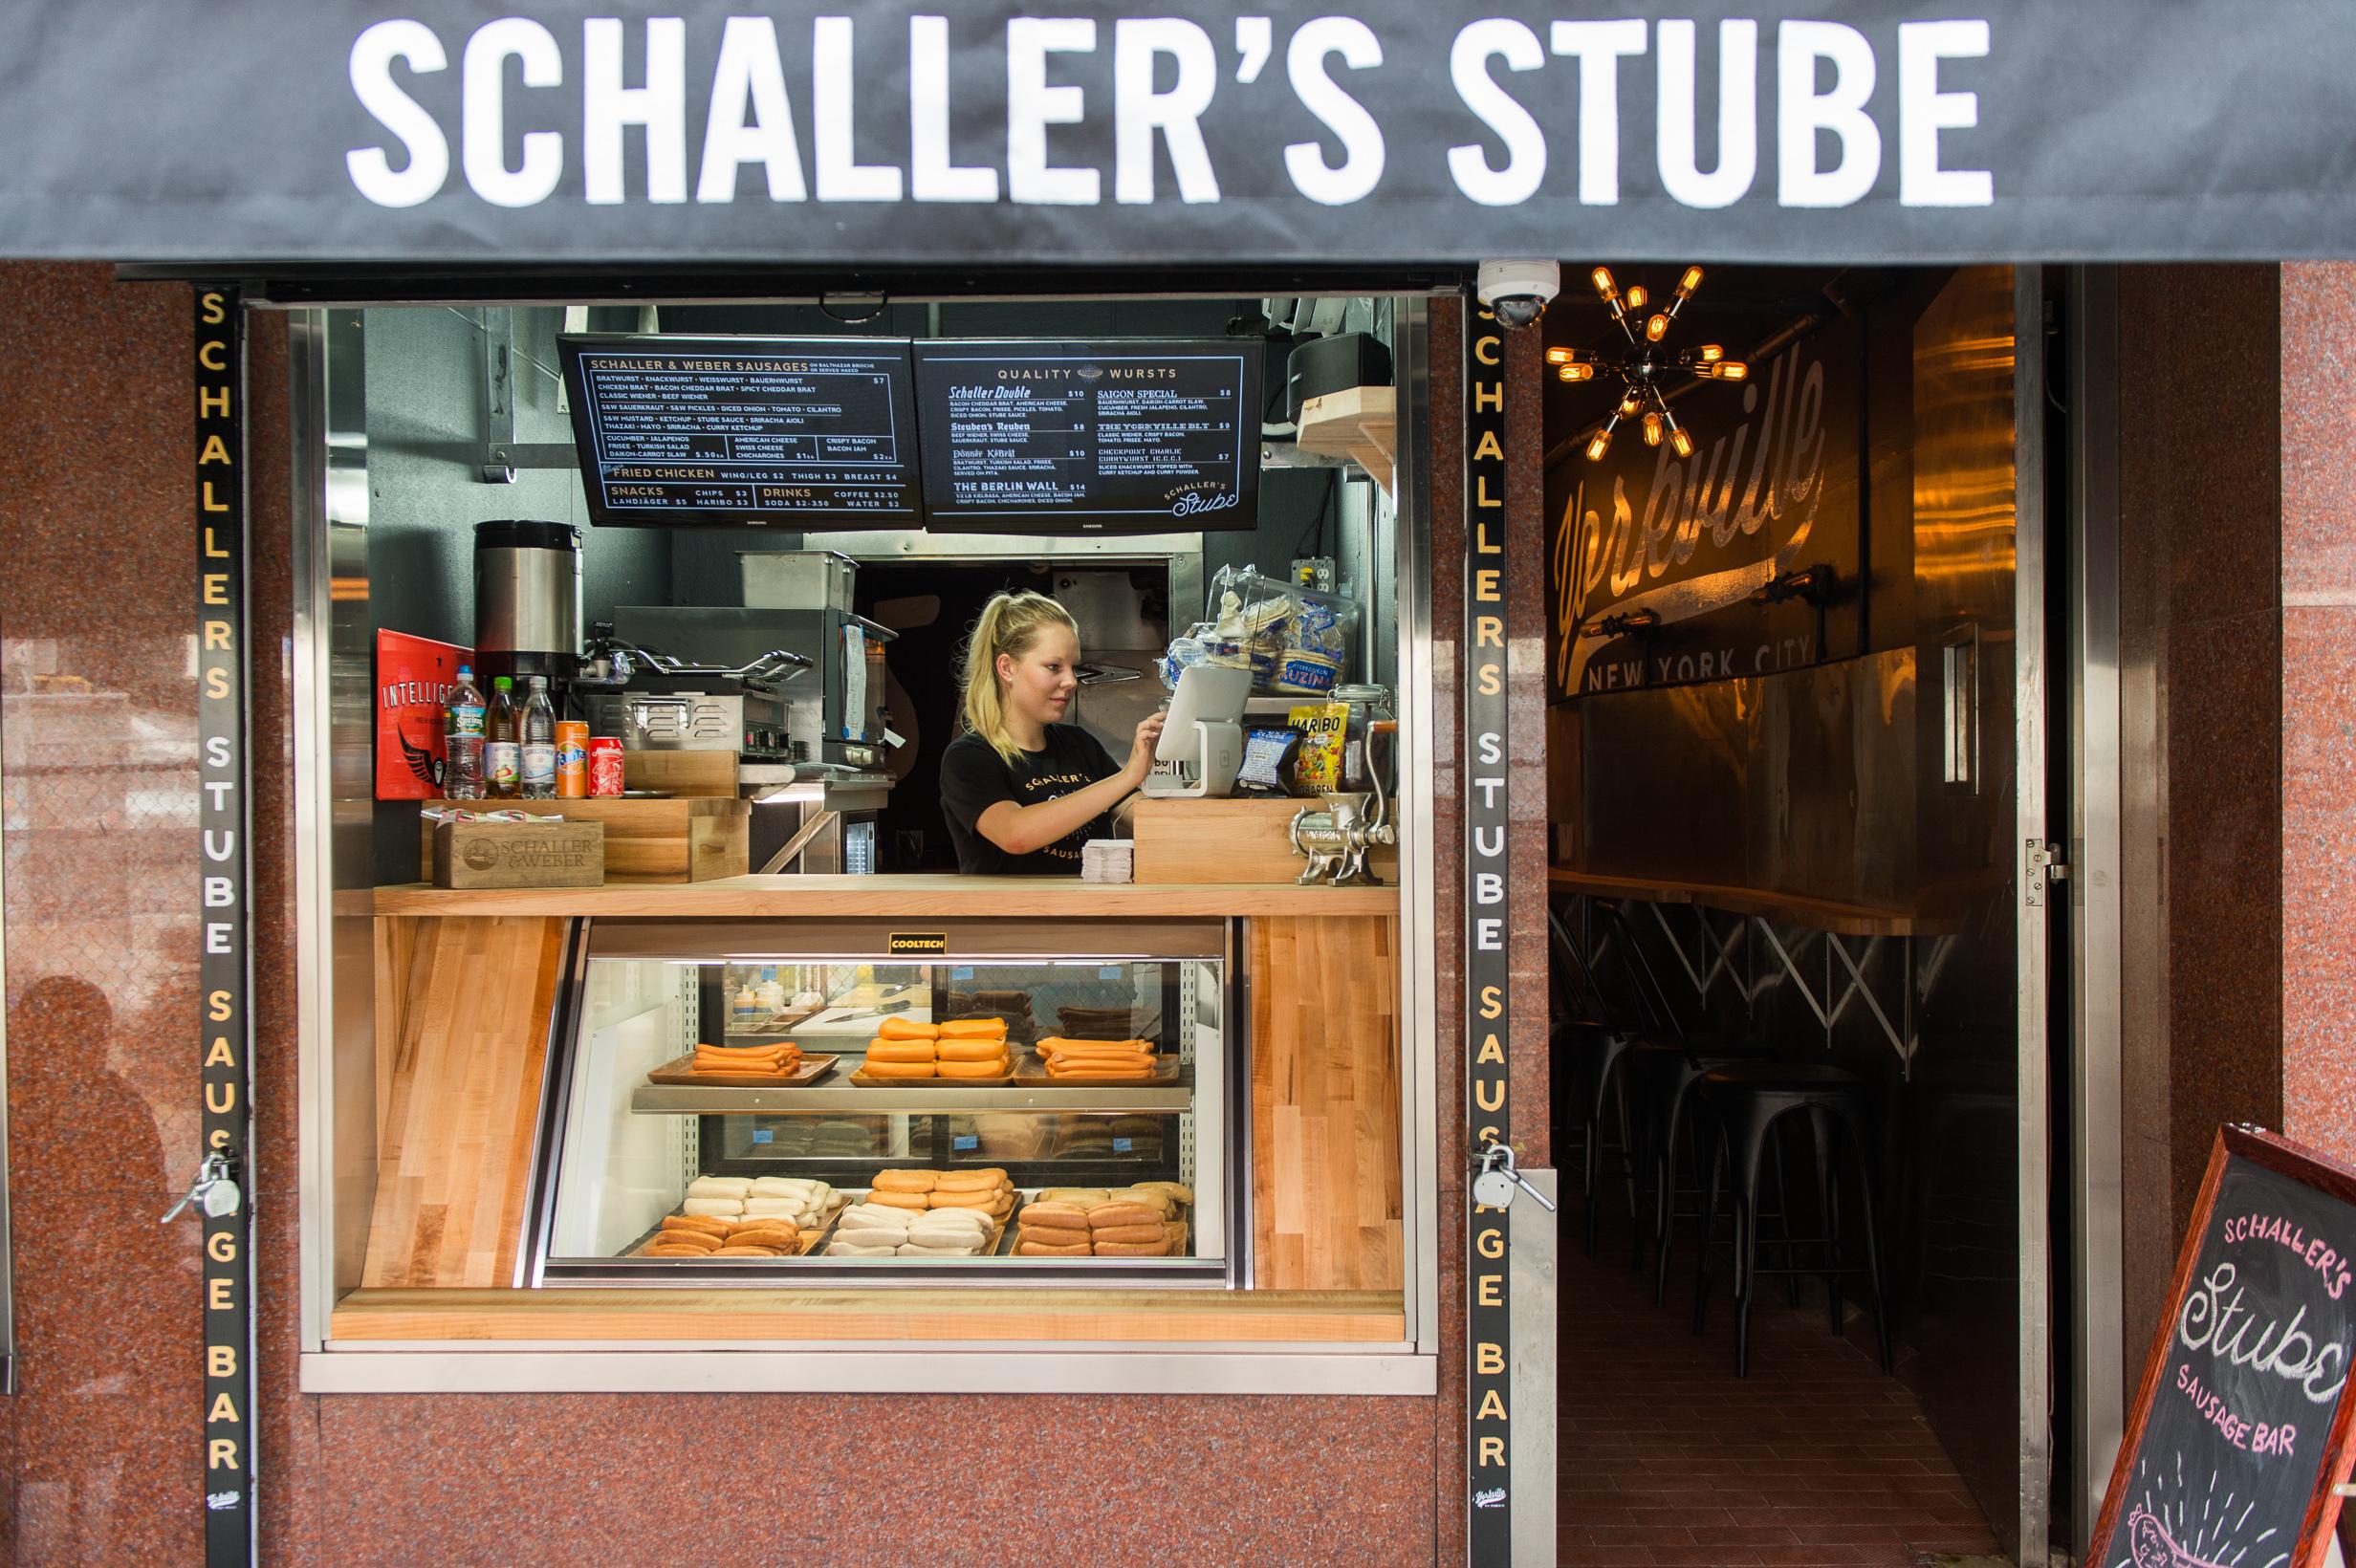 Schaller's Stube